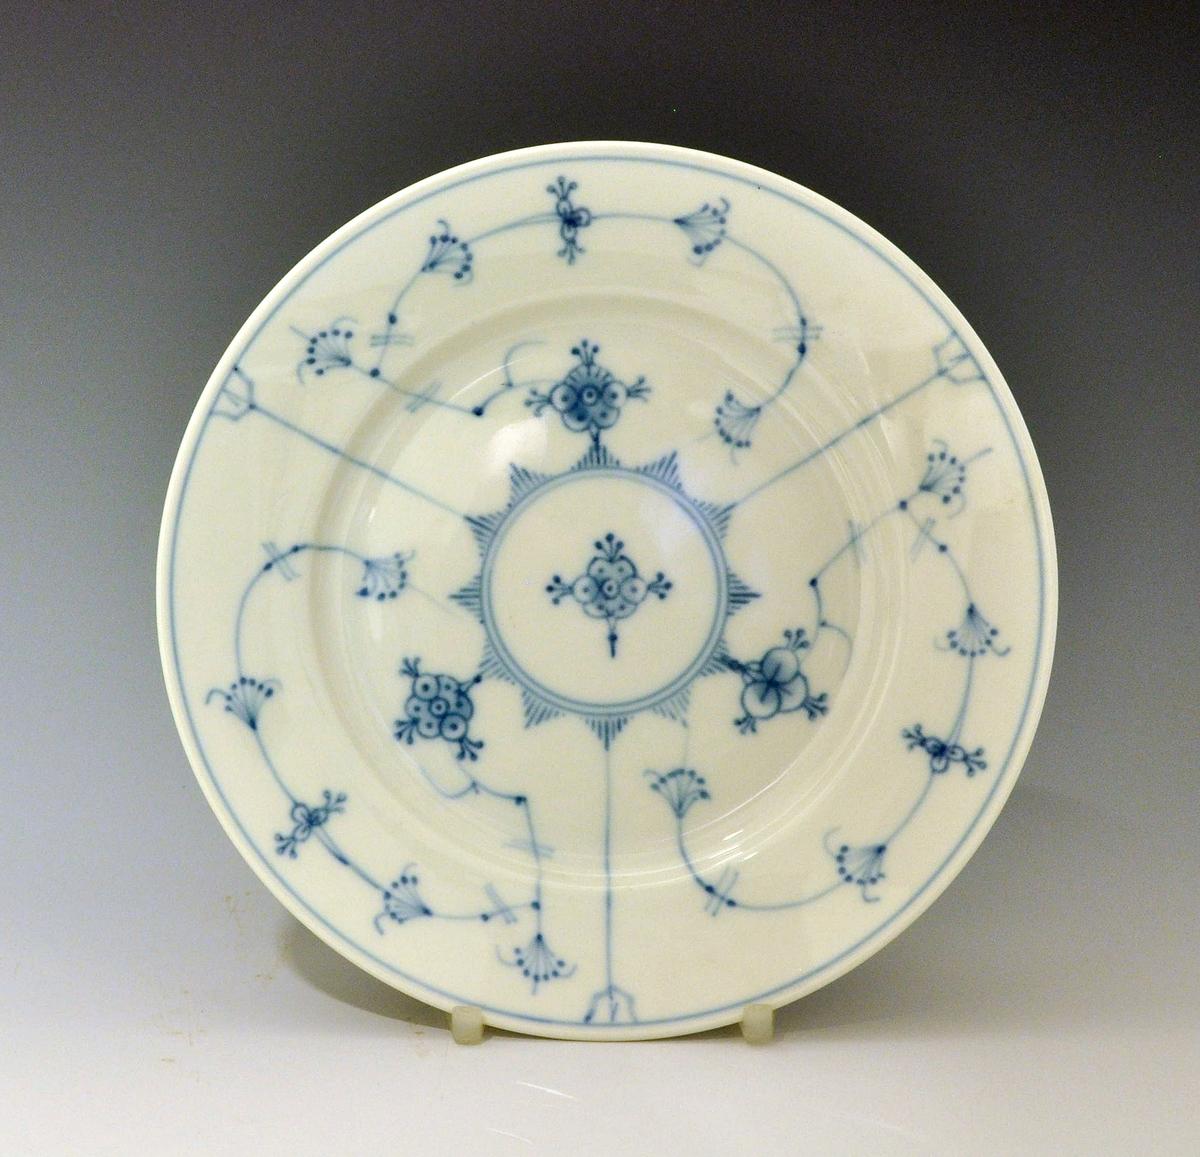 Asjett av porselen. Dekorert med stråmønster i blått. Modell:15.5 Dekor: Stråmønster i blått